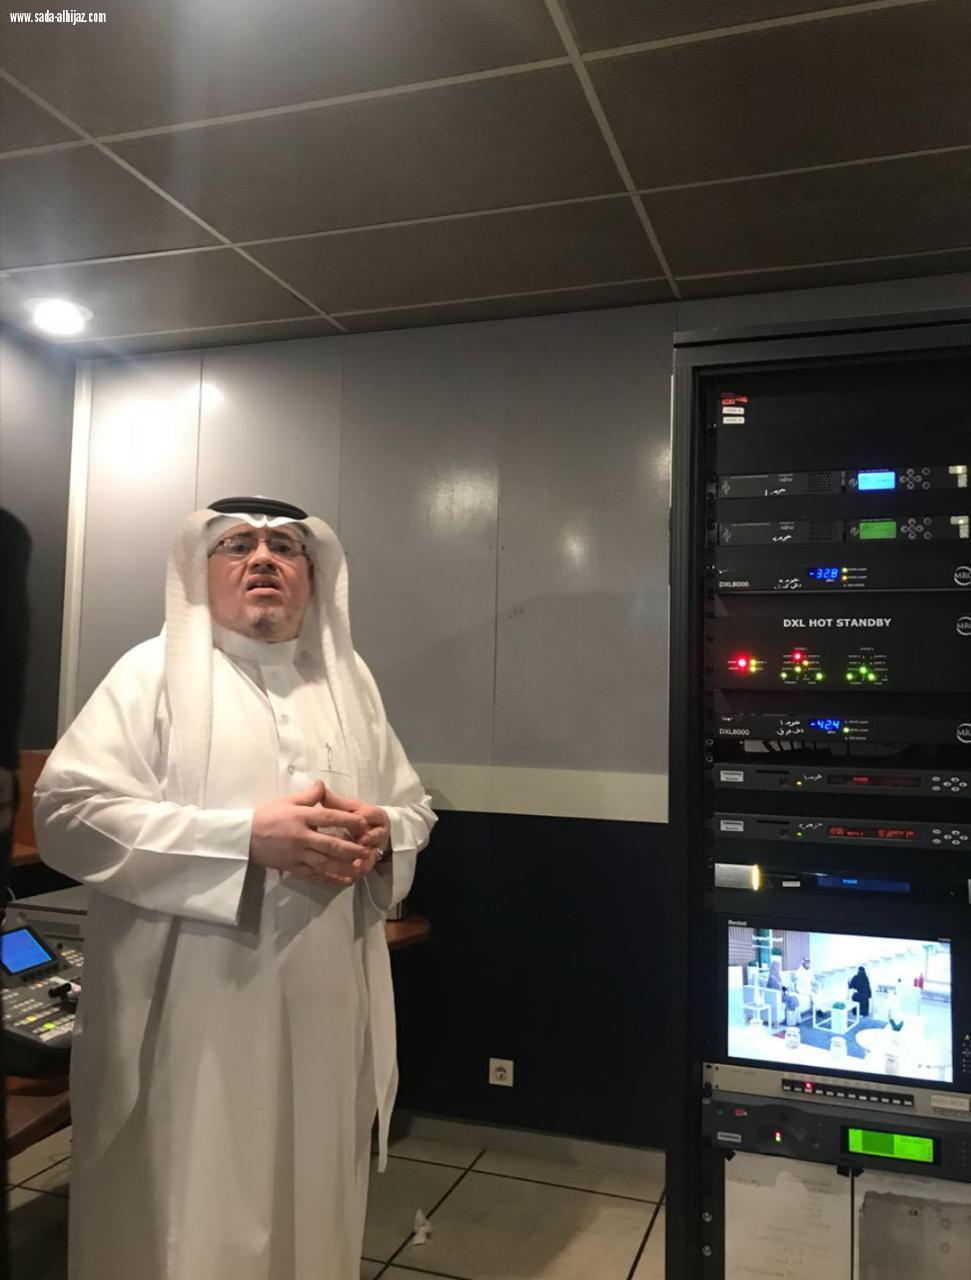 اعلاميات صحيفة صدى الحجاز يزرن مركز تلفزيون المدينة المنورة | صحيفة صدى  الحجاز الالكترونية